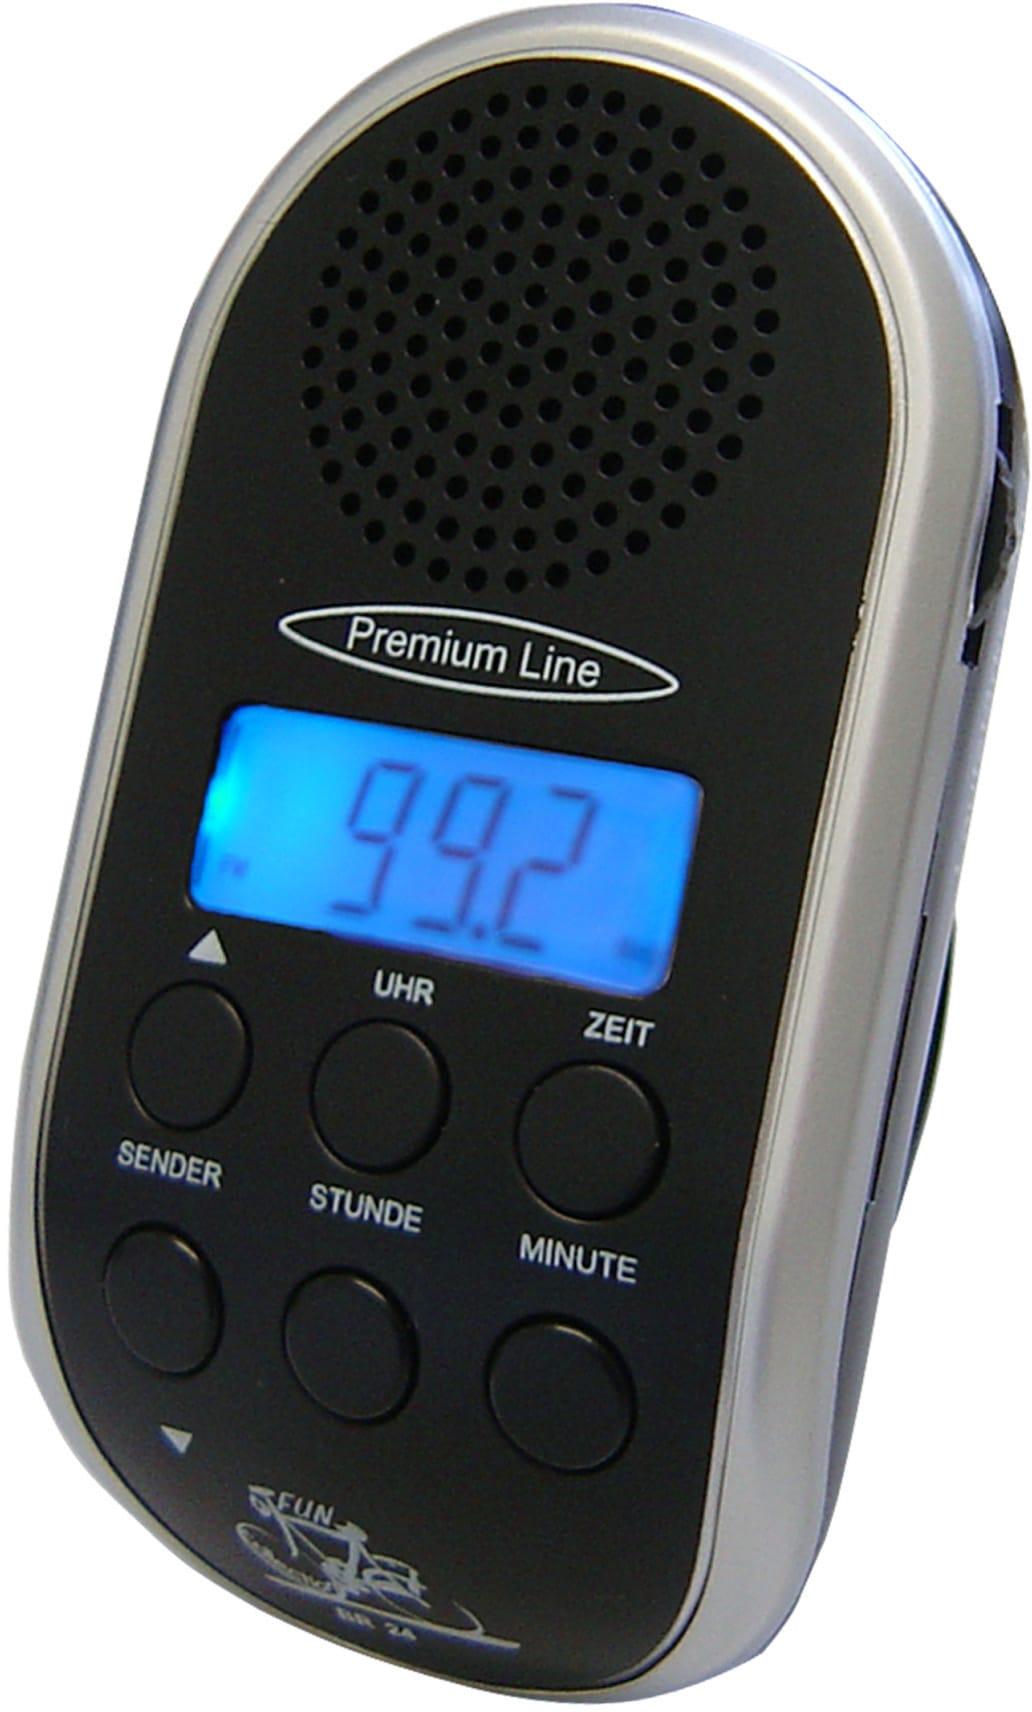 Security Plus Fahrrad-Radio, grau